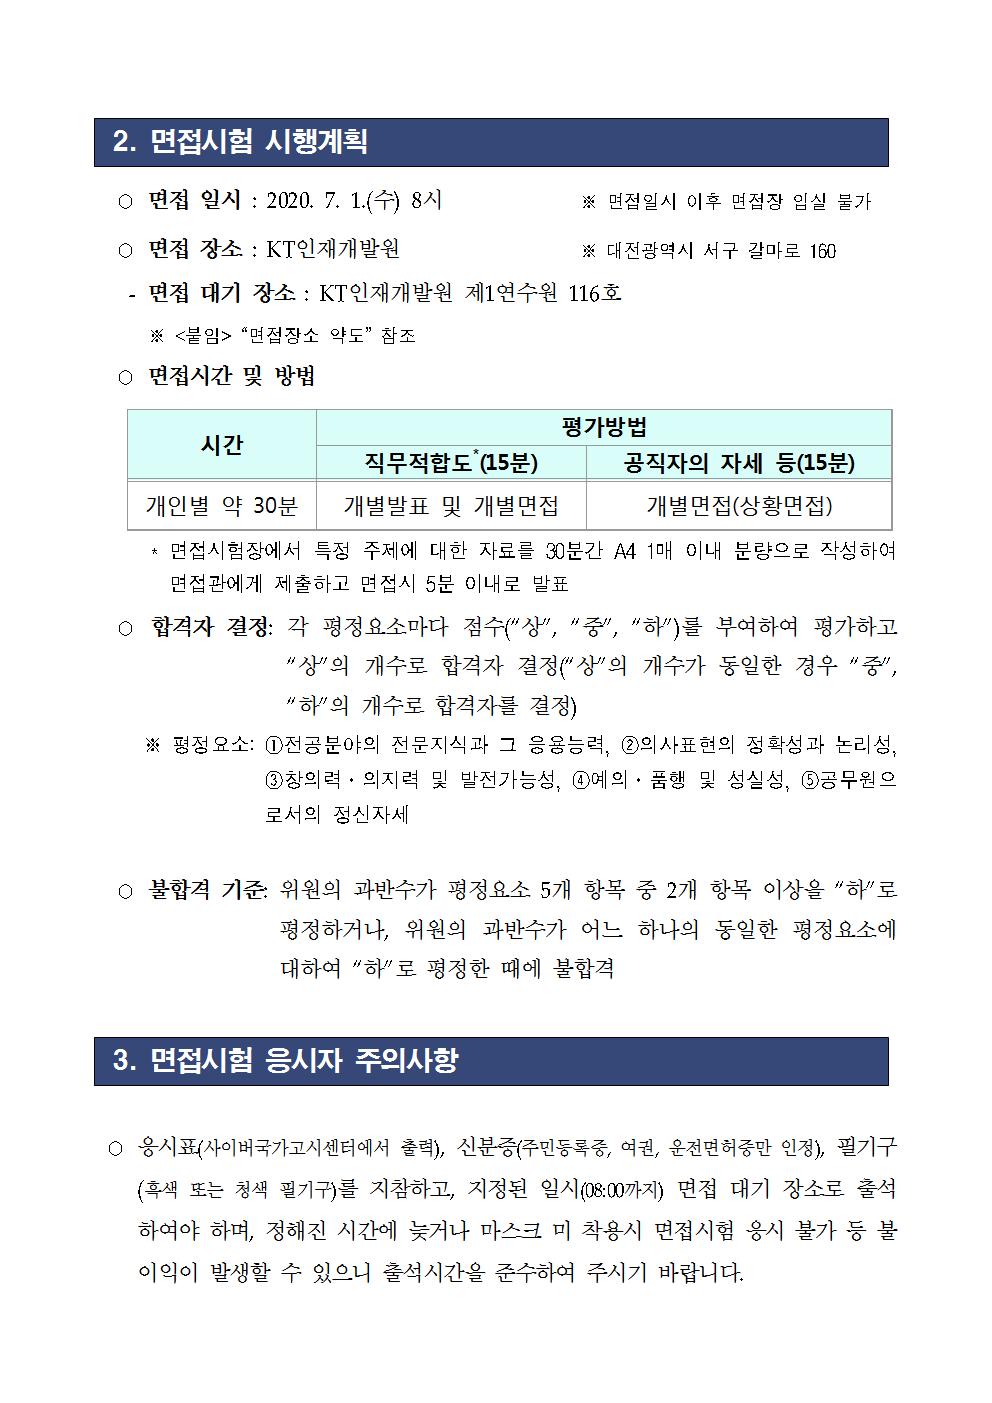 (첨부) 서류전형 합격자 및 면접시험 일정 공고문002.png